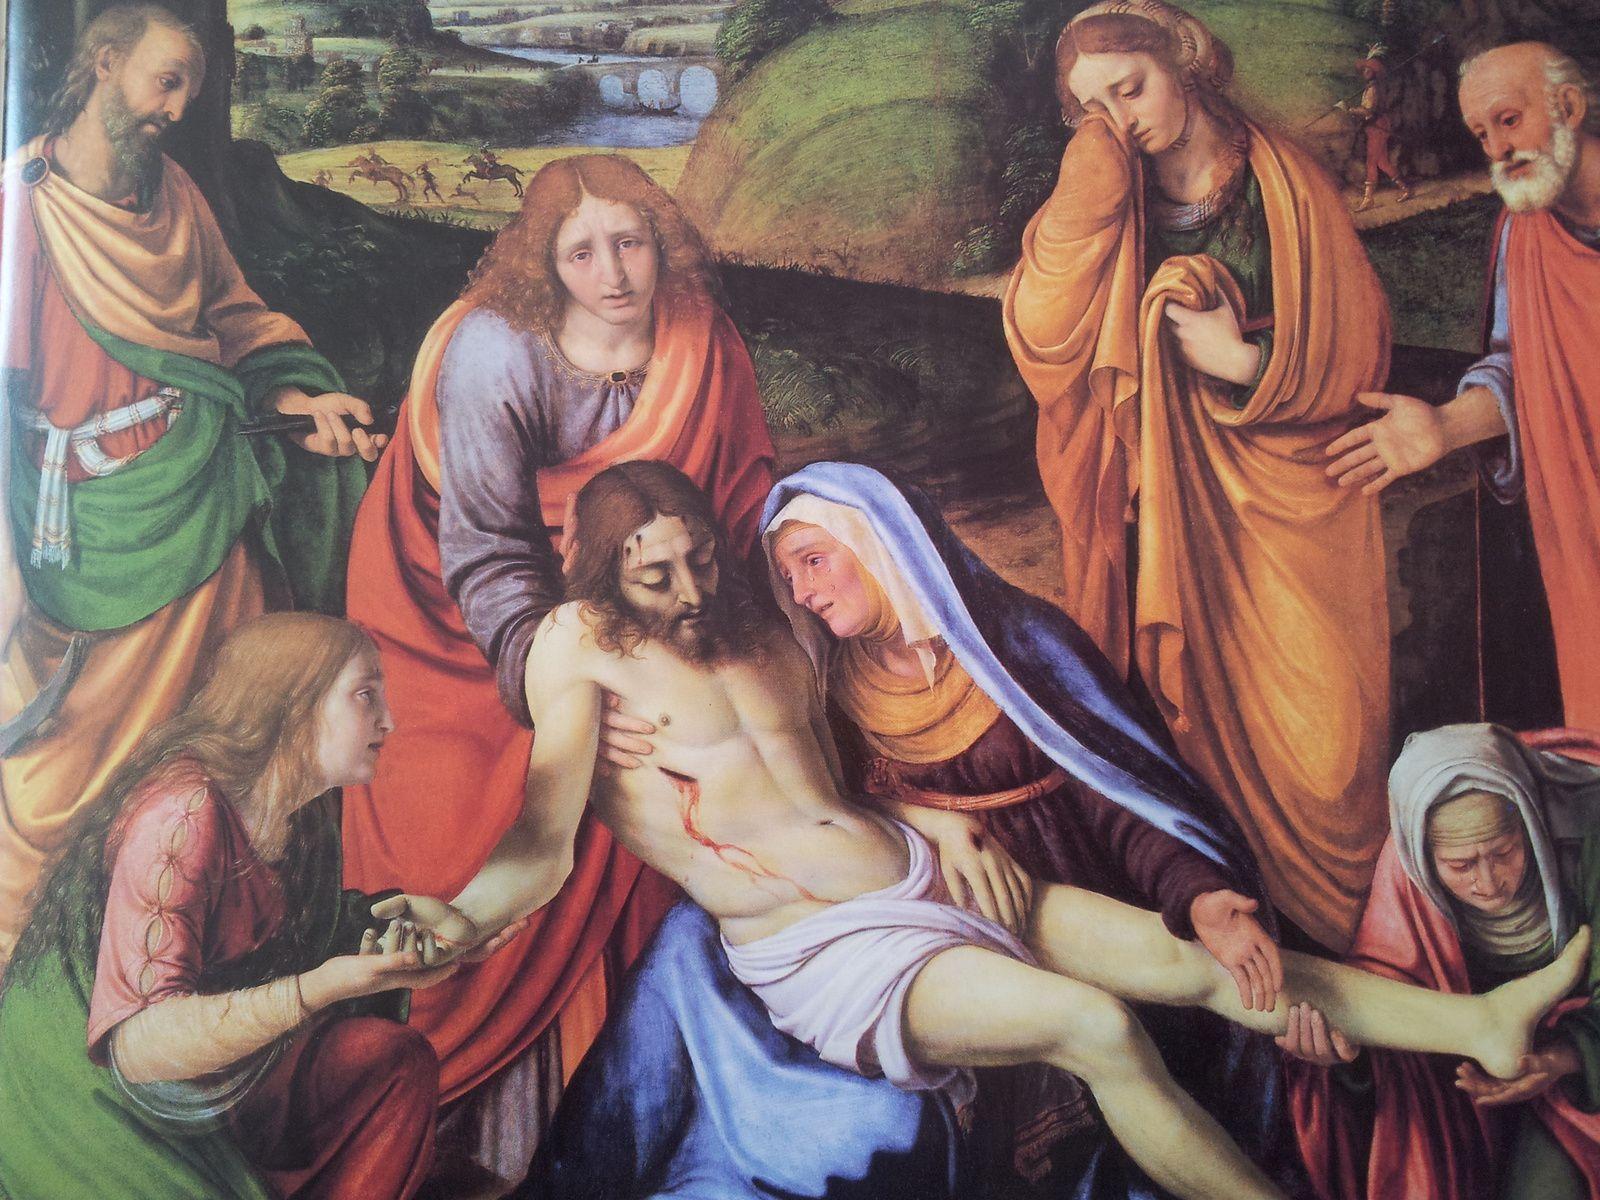 Les lamentations par Andrea Solario (1495-1524)